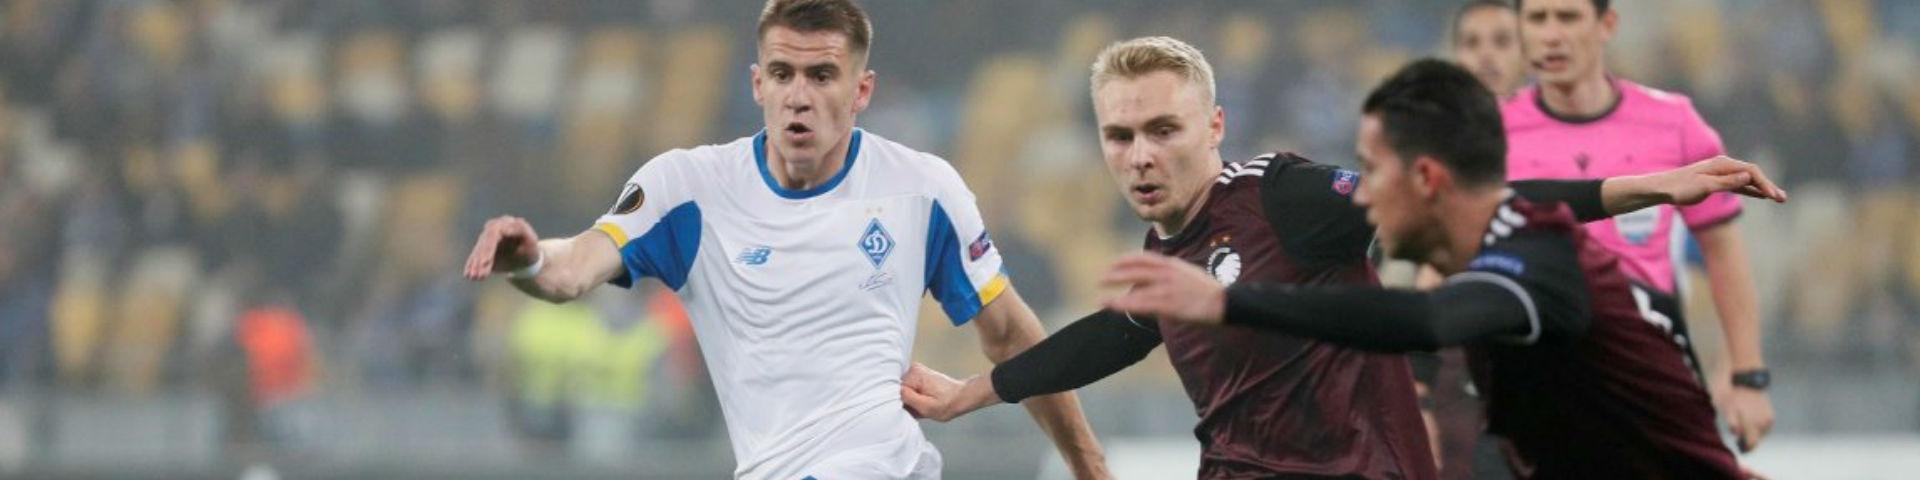 «Копенгаген» – «Динамо» (Киев) – прогноз на 7 ноября, ставки и статистика перед игрой